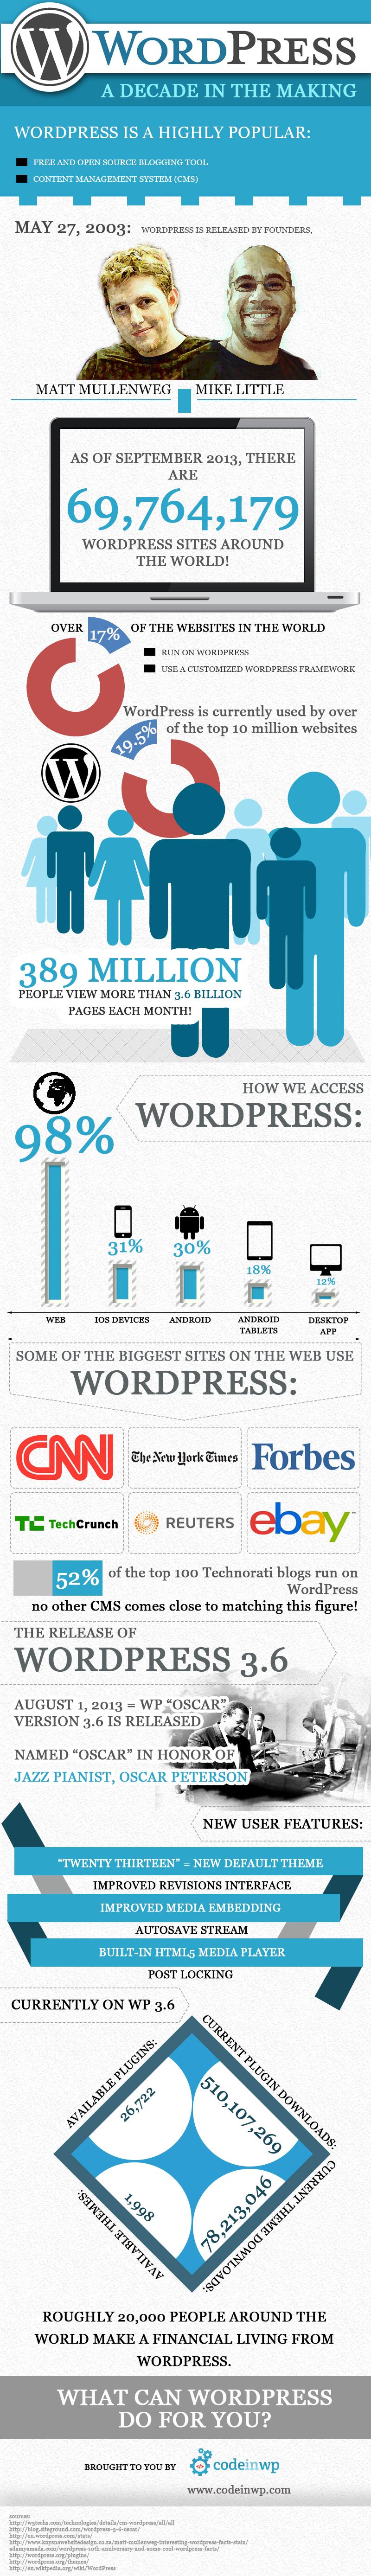 WordPress Historic Statistics